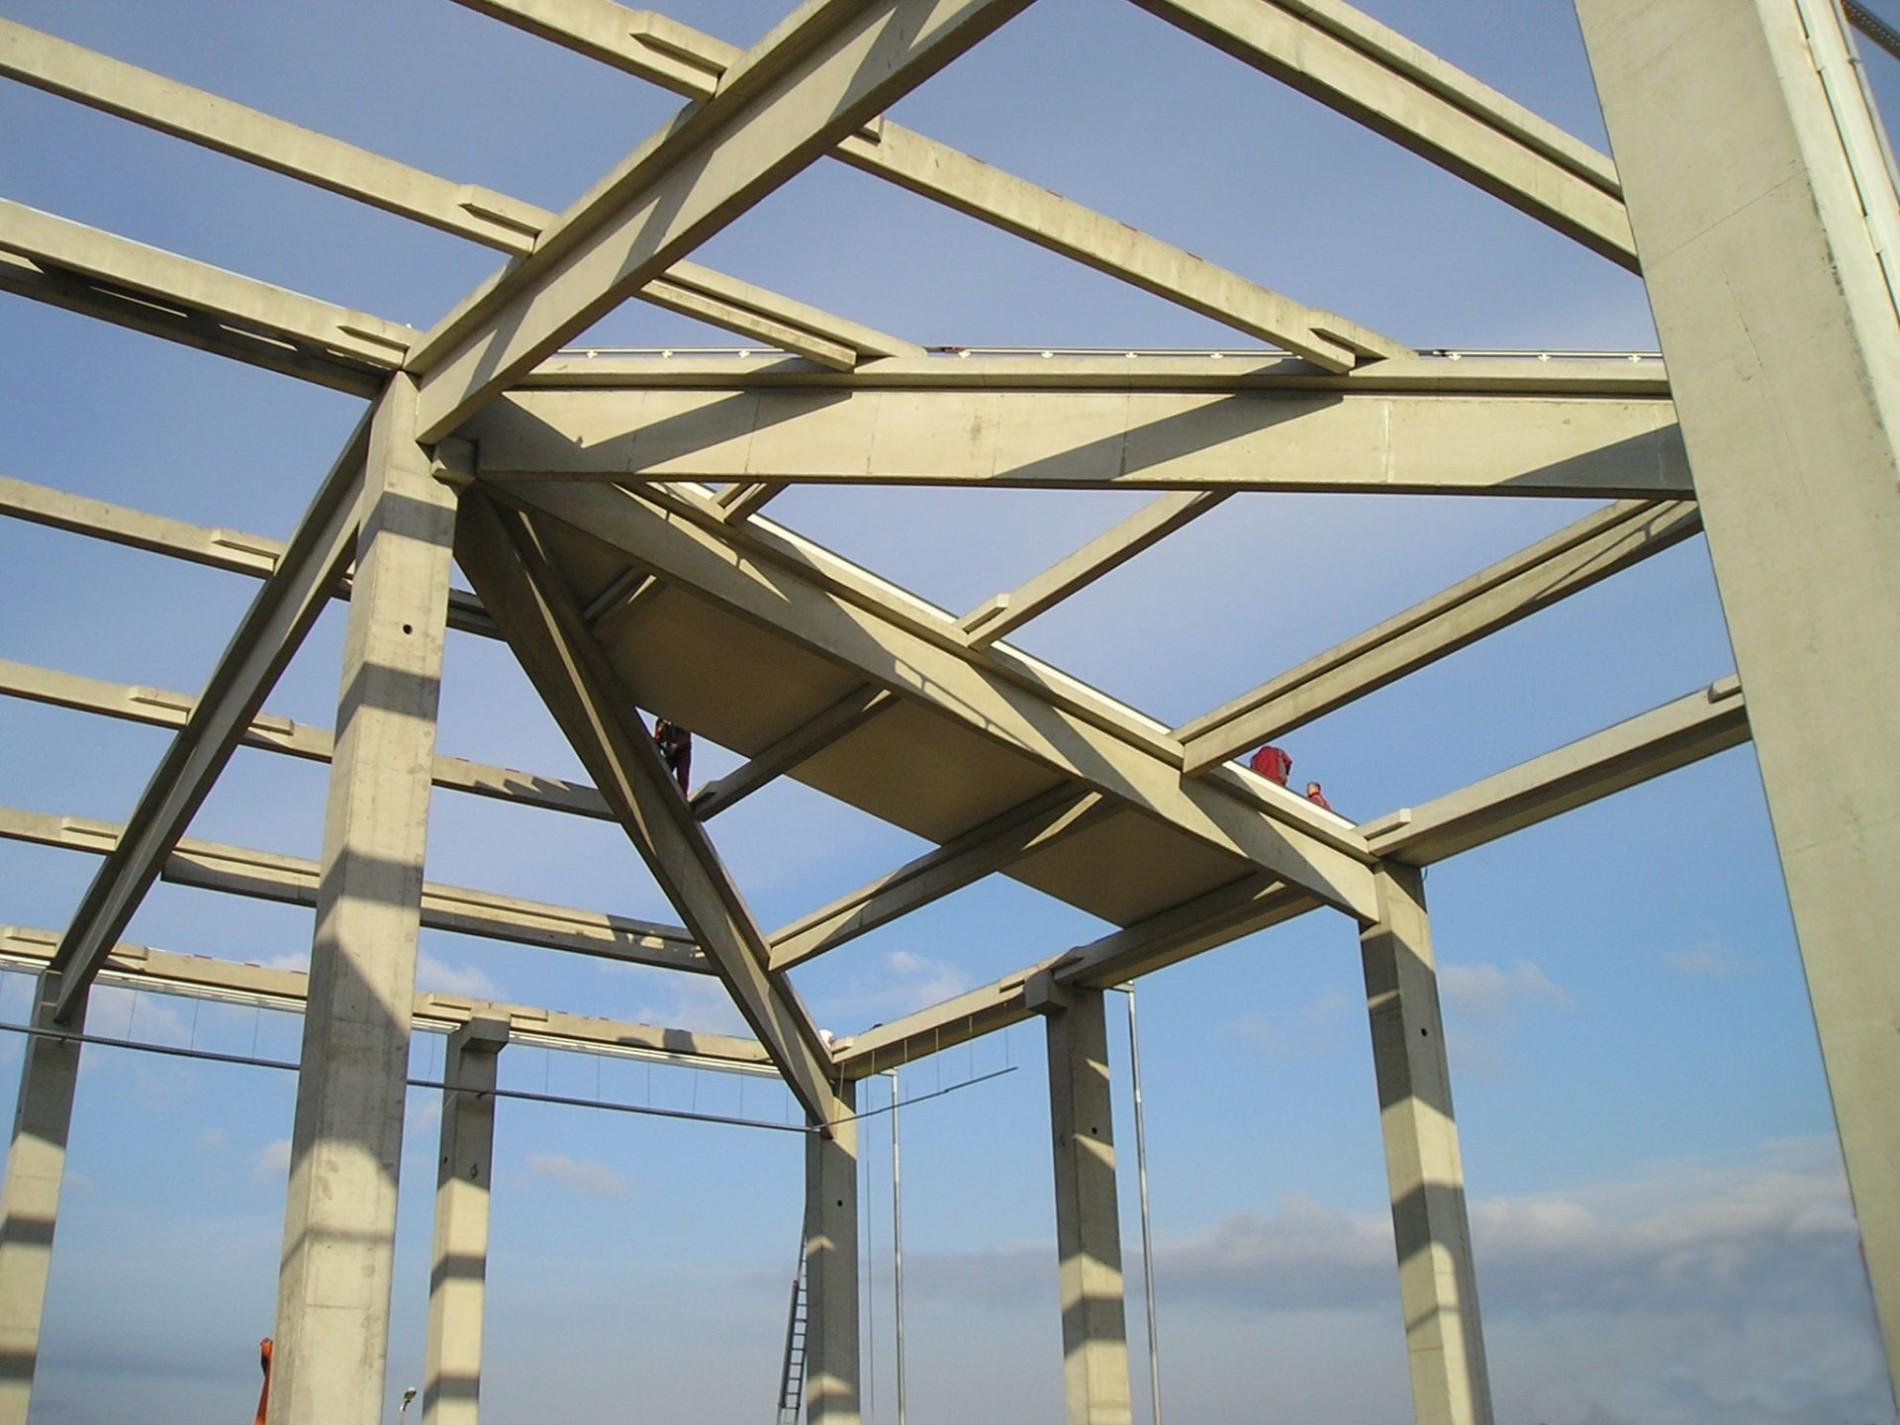 arhiv trezor, trezor, arhiv, beton, concrete, konstrukcija, construction, structure, donji stupnik, upi-2m, upi2m, steel, čelik